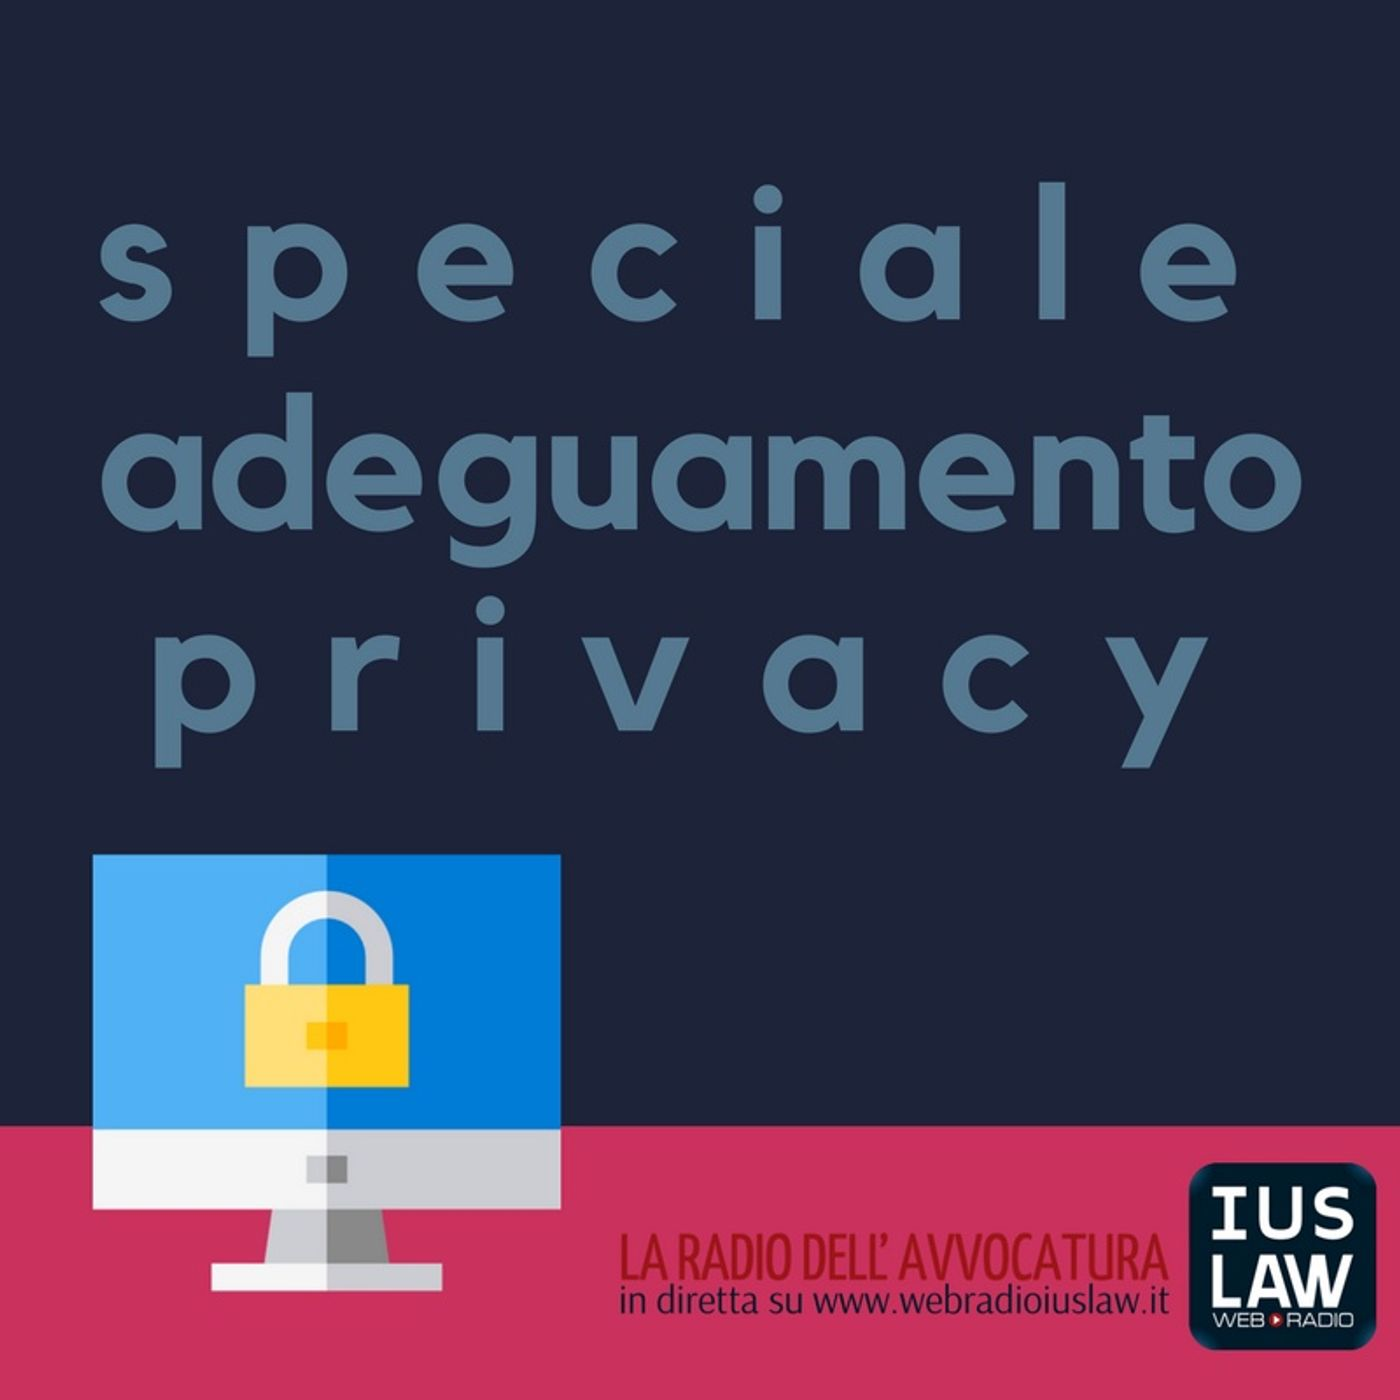 Speciale Adeguamento Privacy